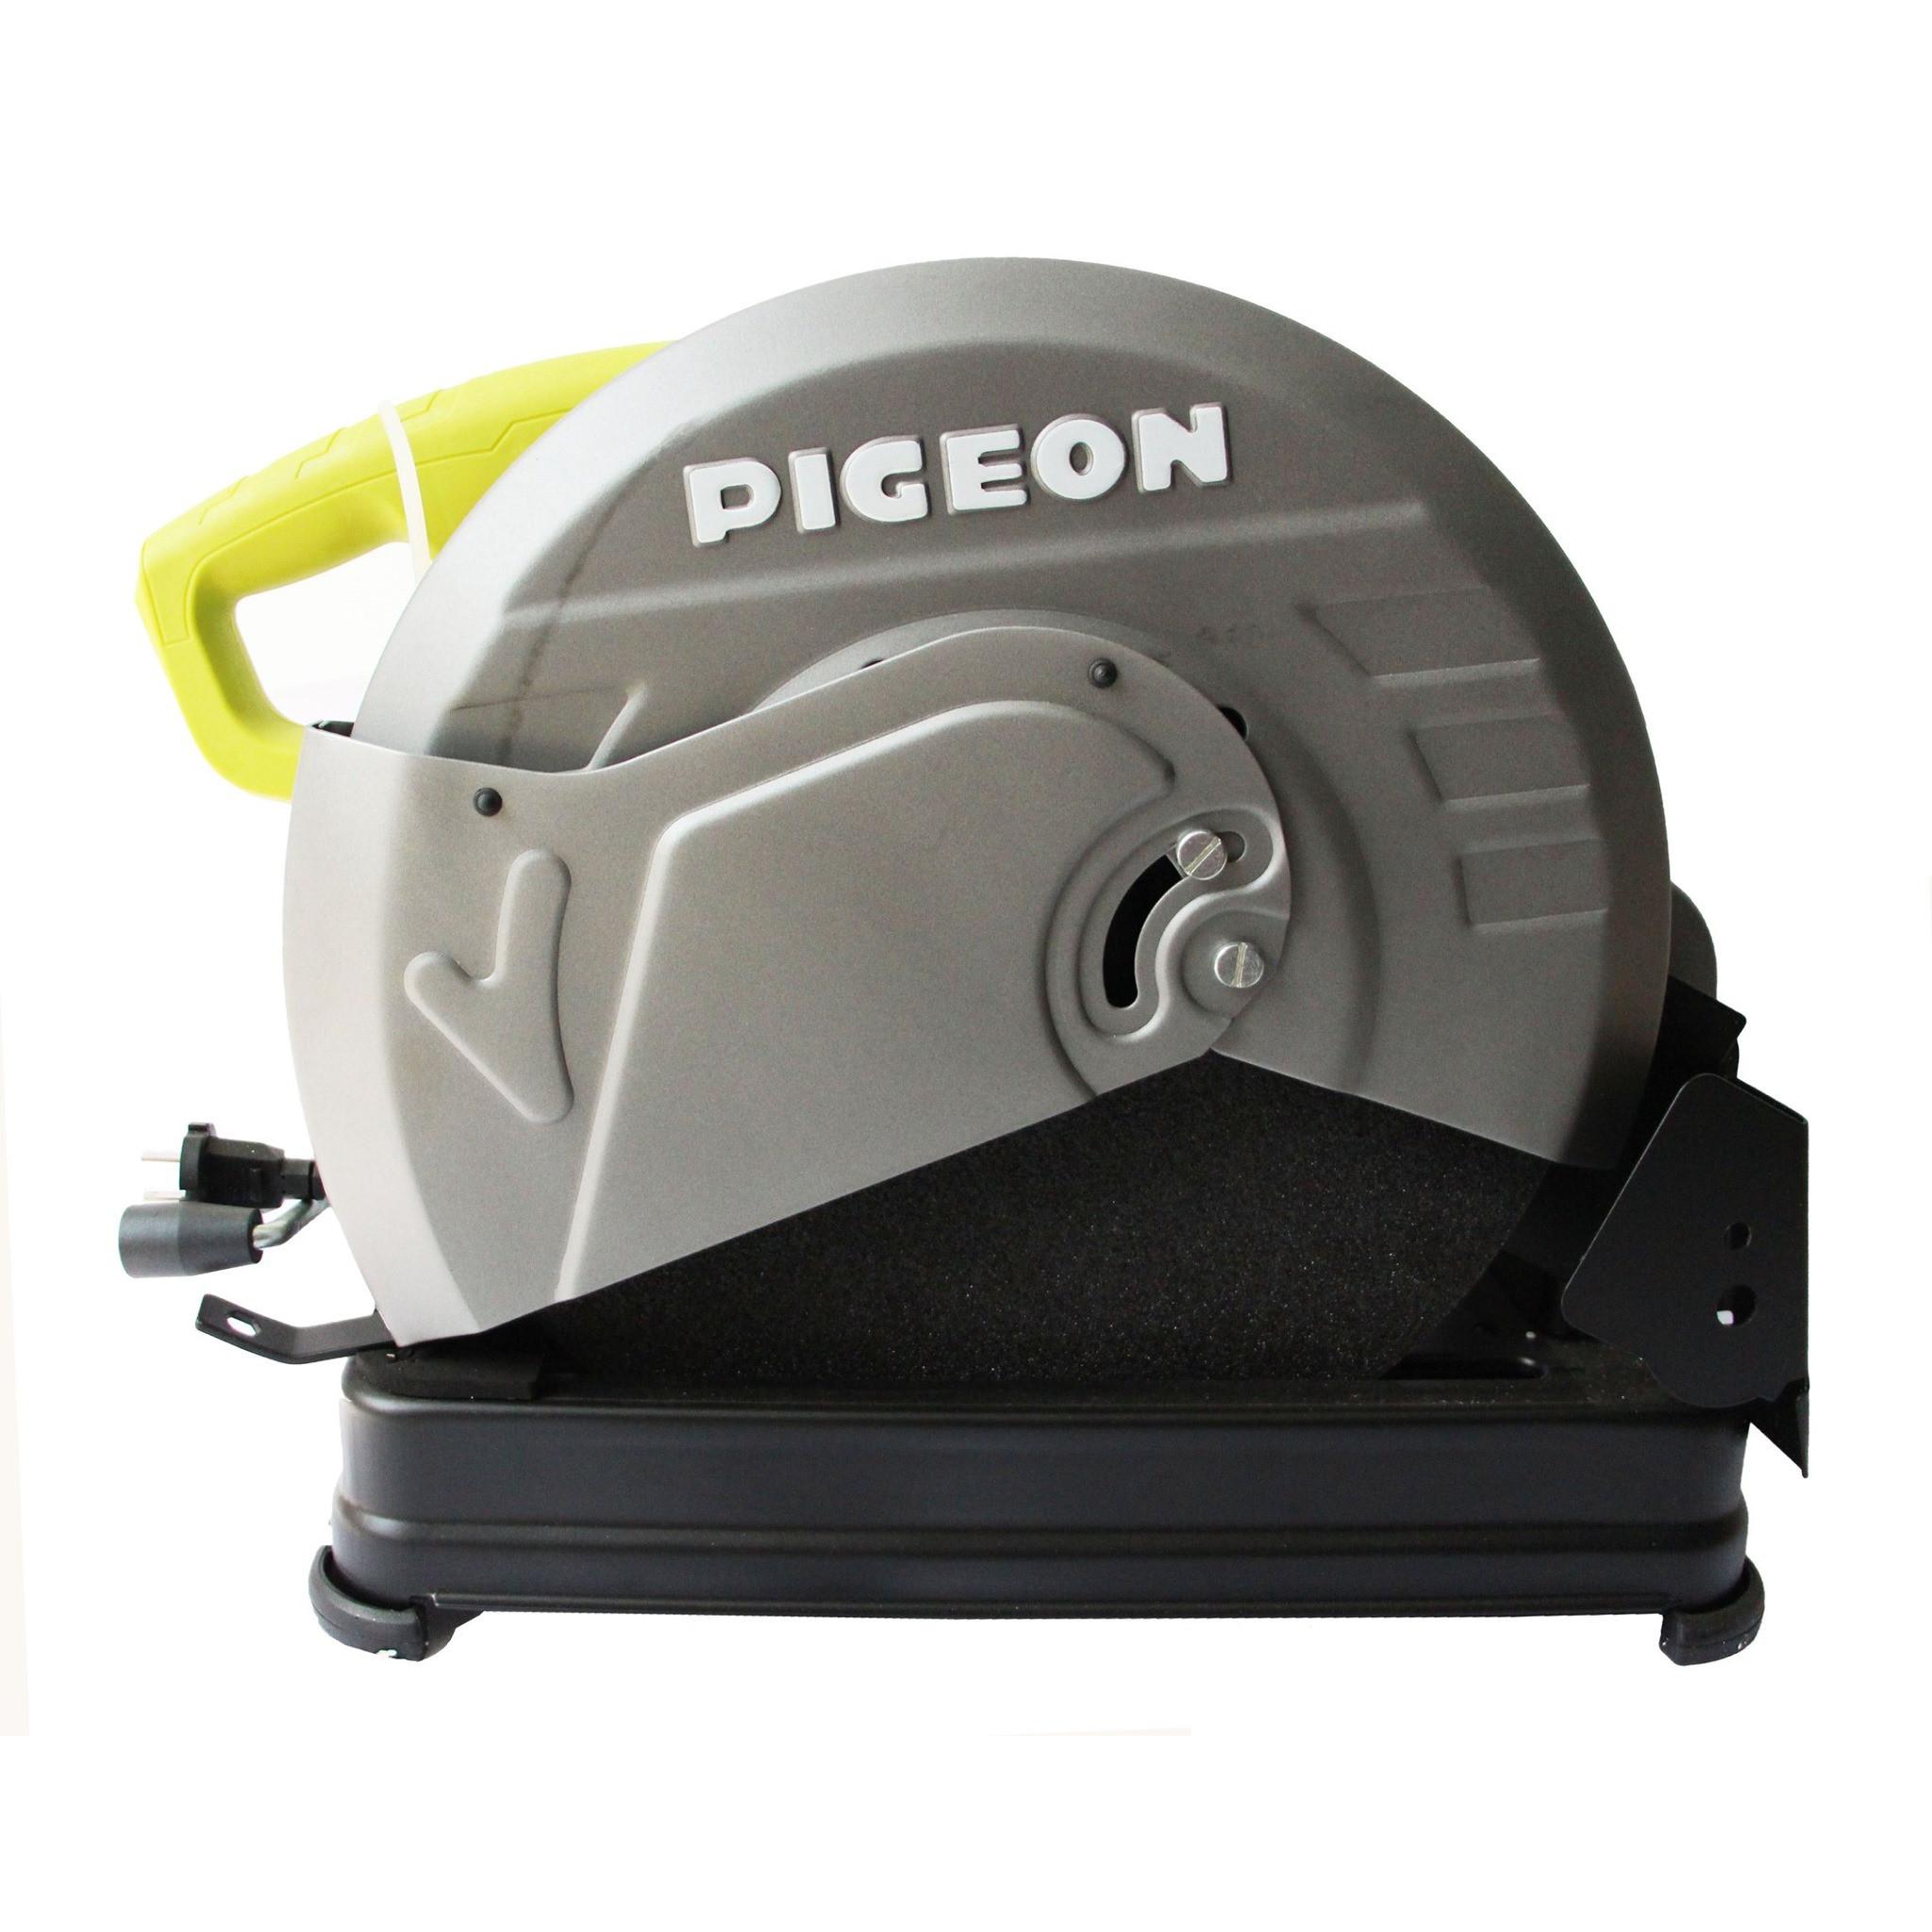 Máy cắt sắt 2400W 355mm PIGEON G401- Hàng chính hãng